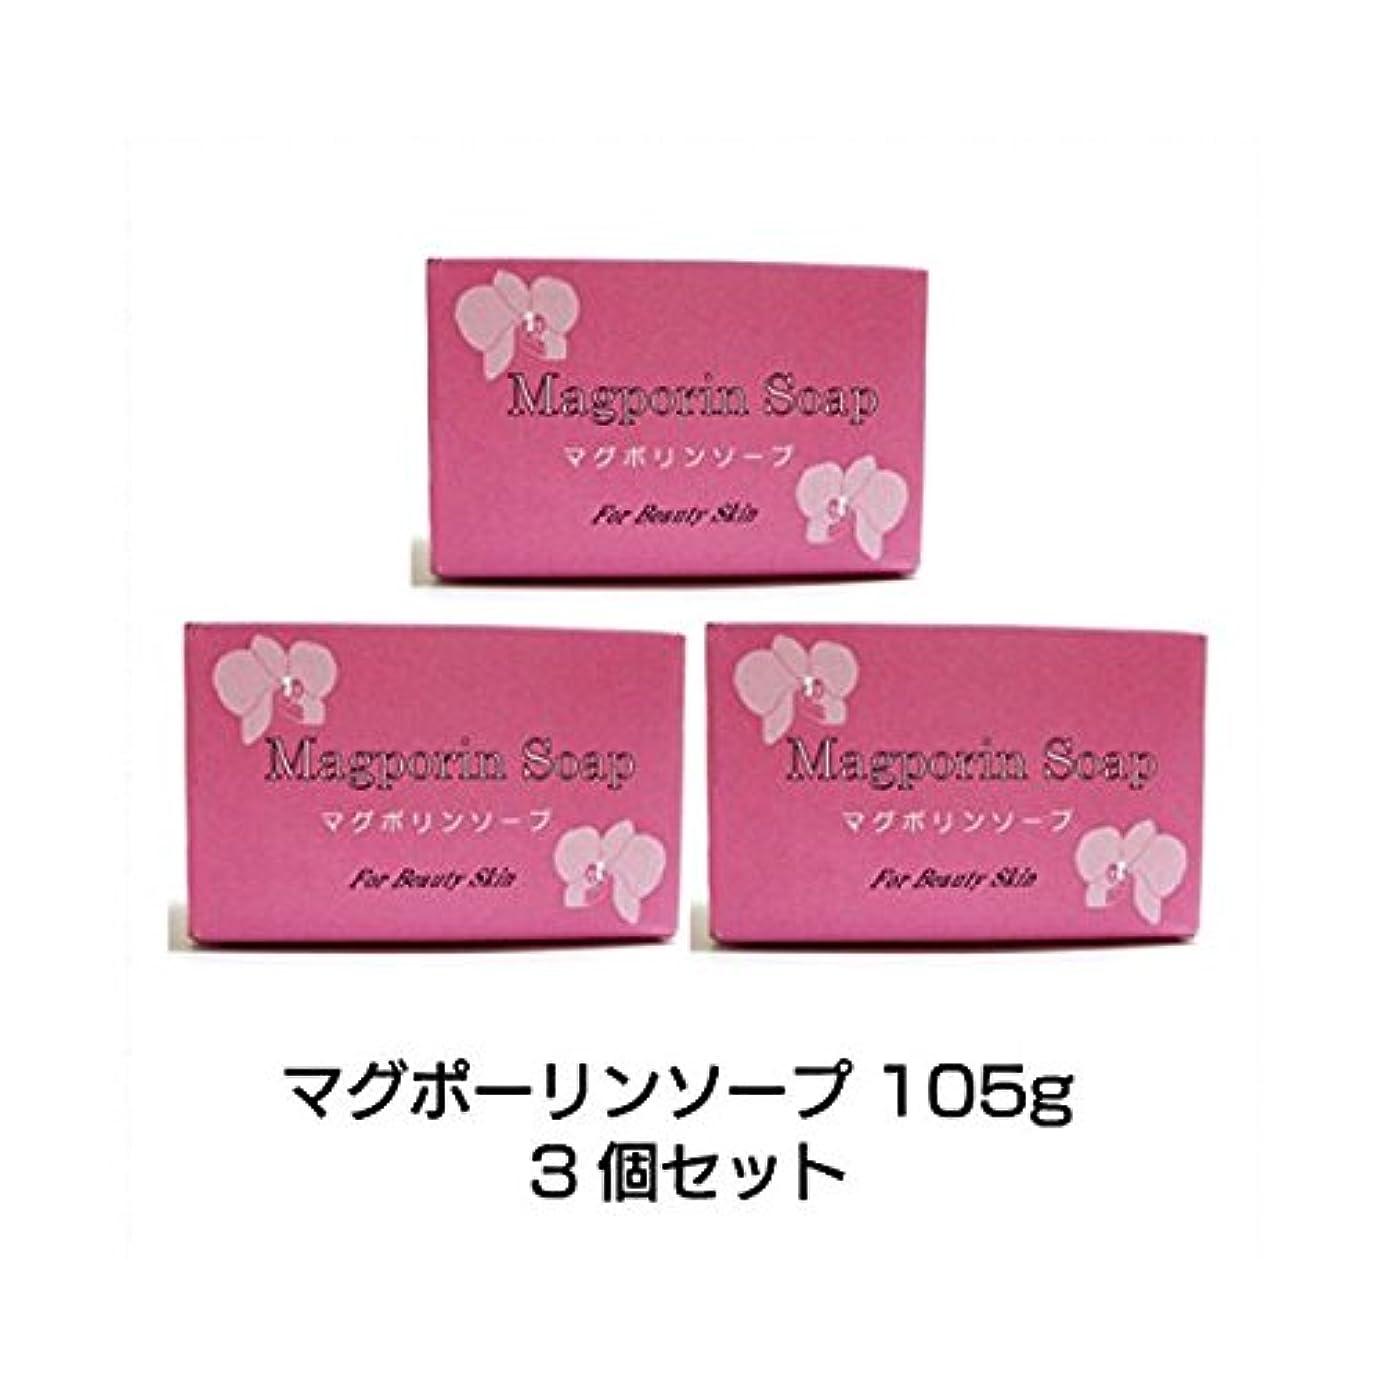 万歳絞る血統マグポーリンソープ 3個セット(105g×3個)麦飯石配合の無添加洗顔石鹸